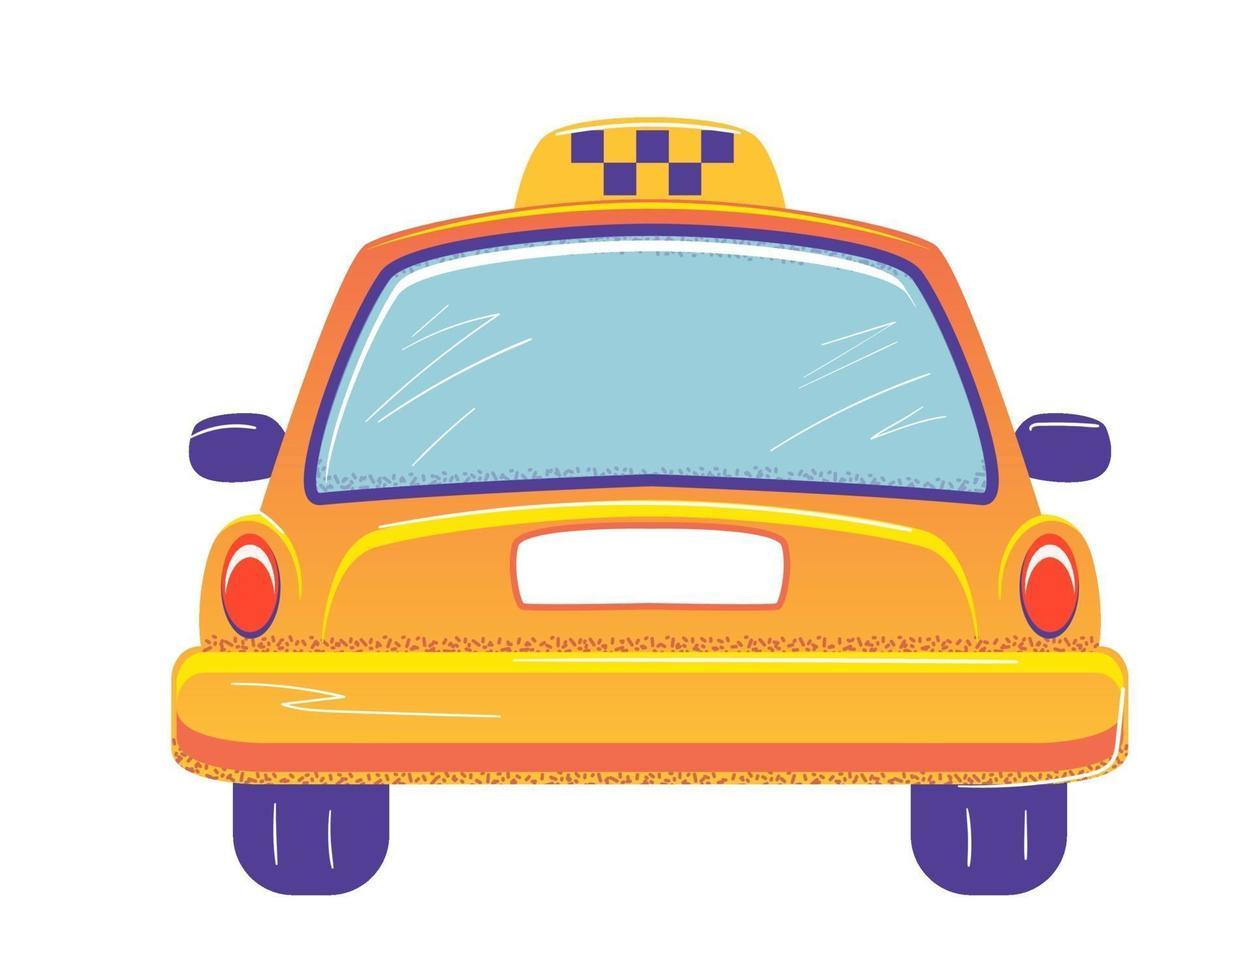 modello di banner piatto vista posteriore taxi taxi su sfondo bianco. spazio vuoto per il numero. illustrazione vettoriale auto gialla auto. segno di servizio di trasporto isolato. concetto di retrovisore